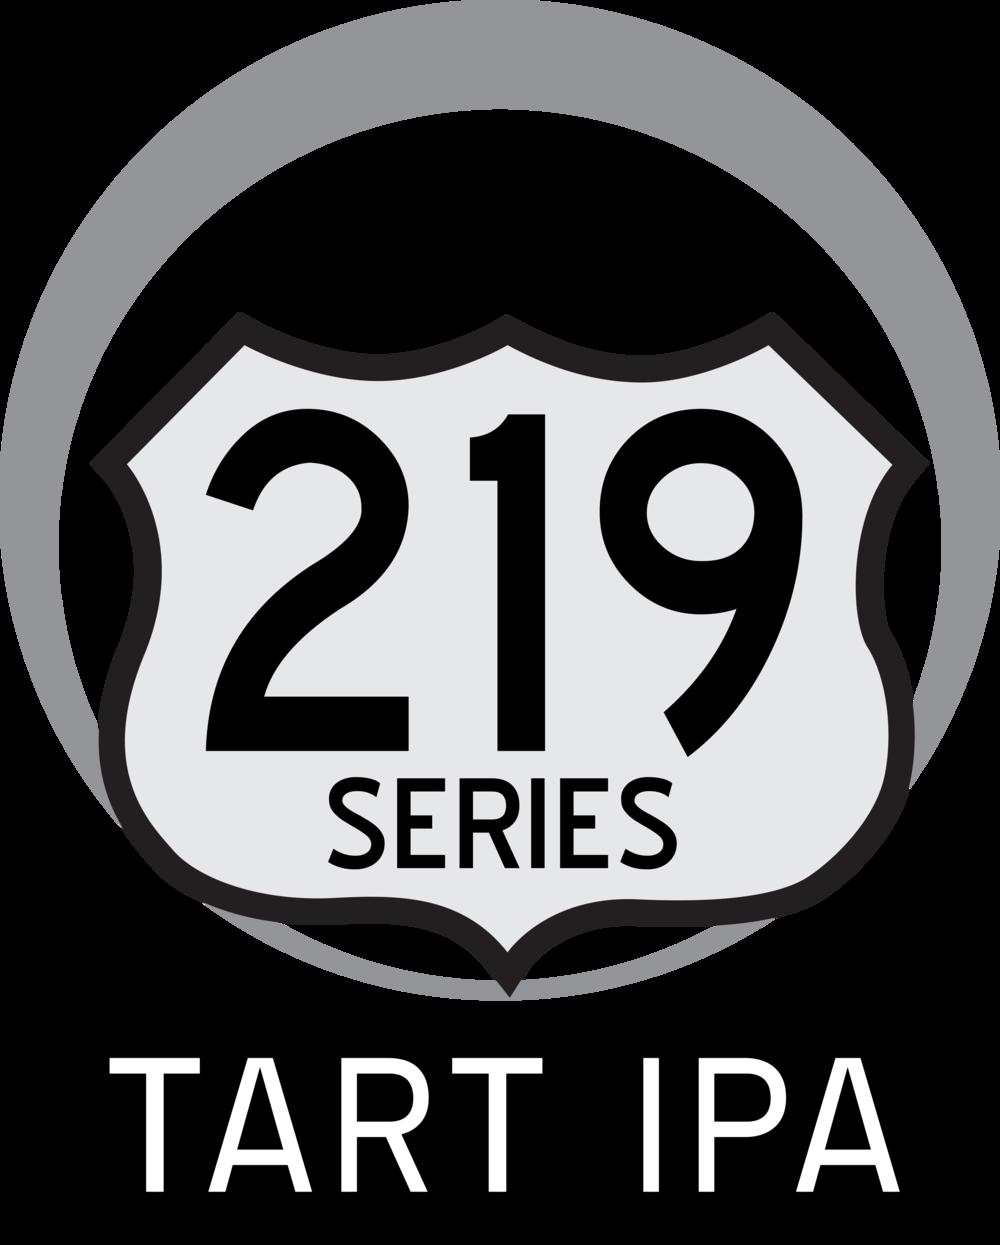 219TartIPA_logo.png